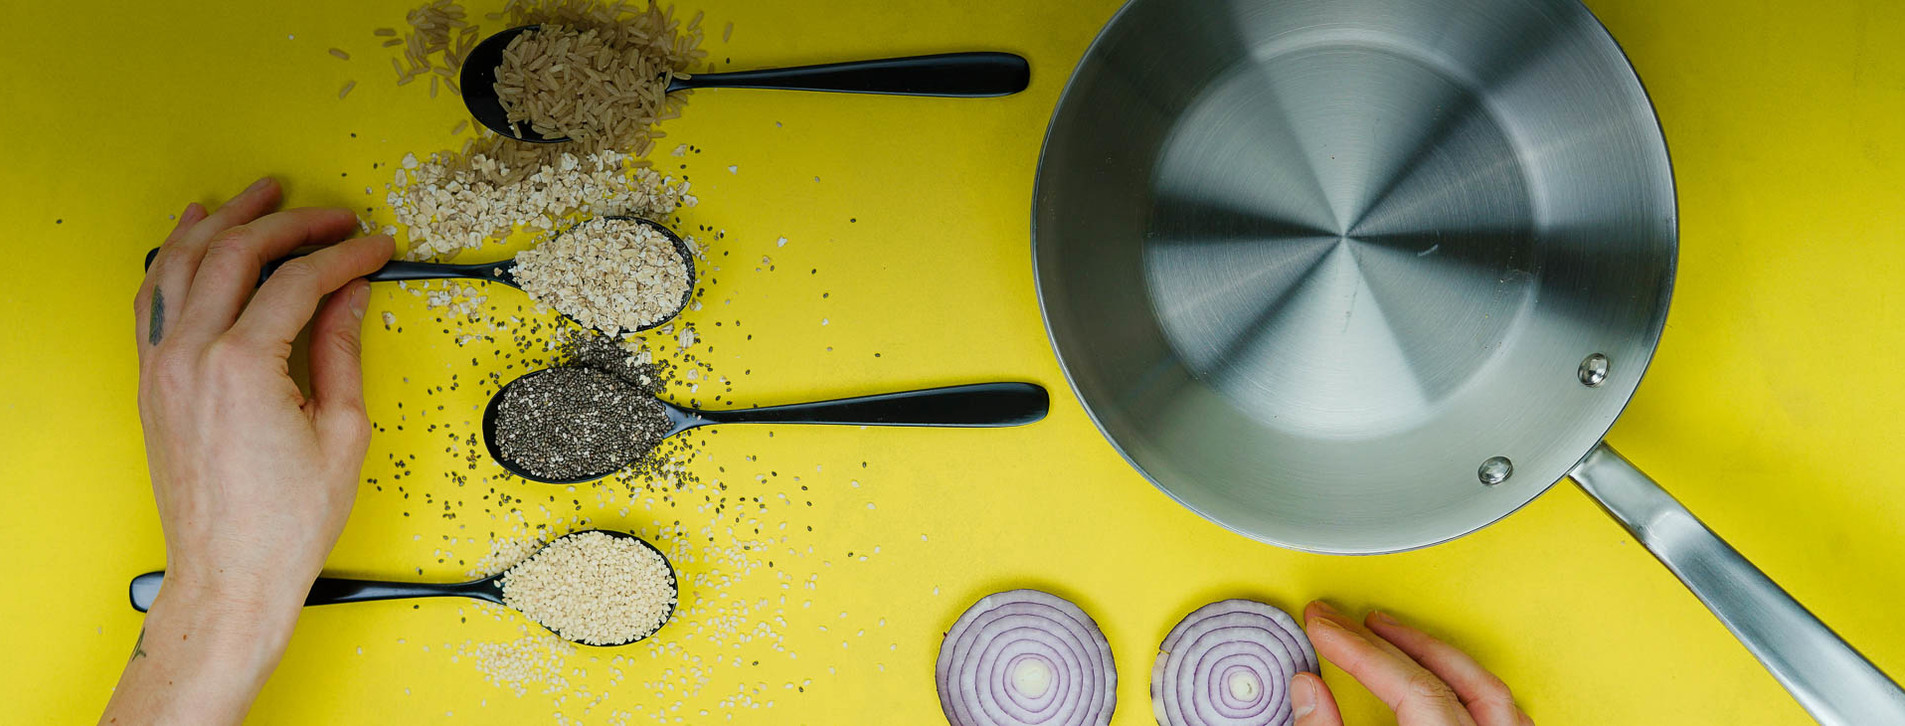 Фото - Майстер-клас кулінарії для двох